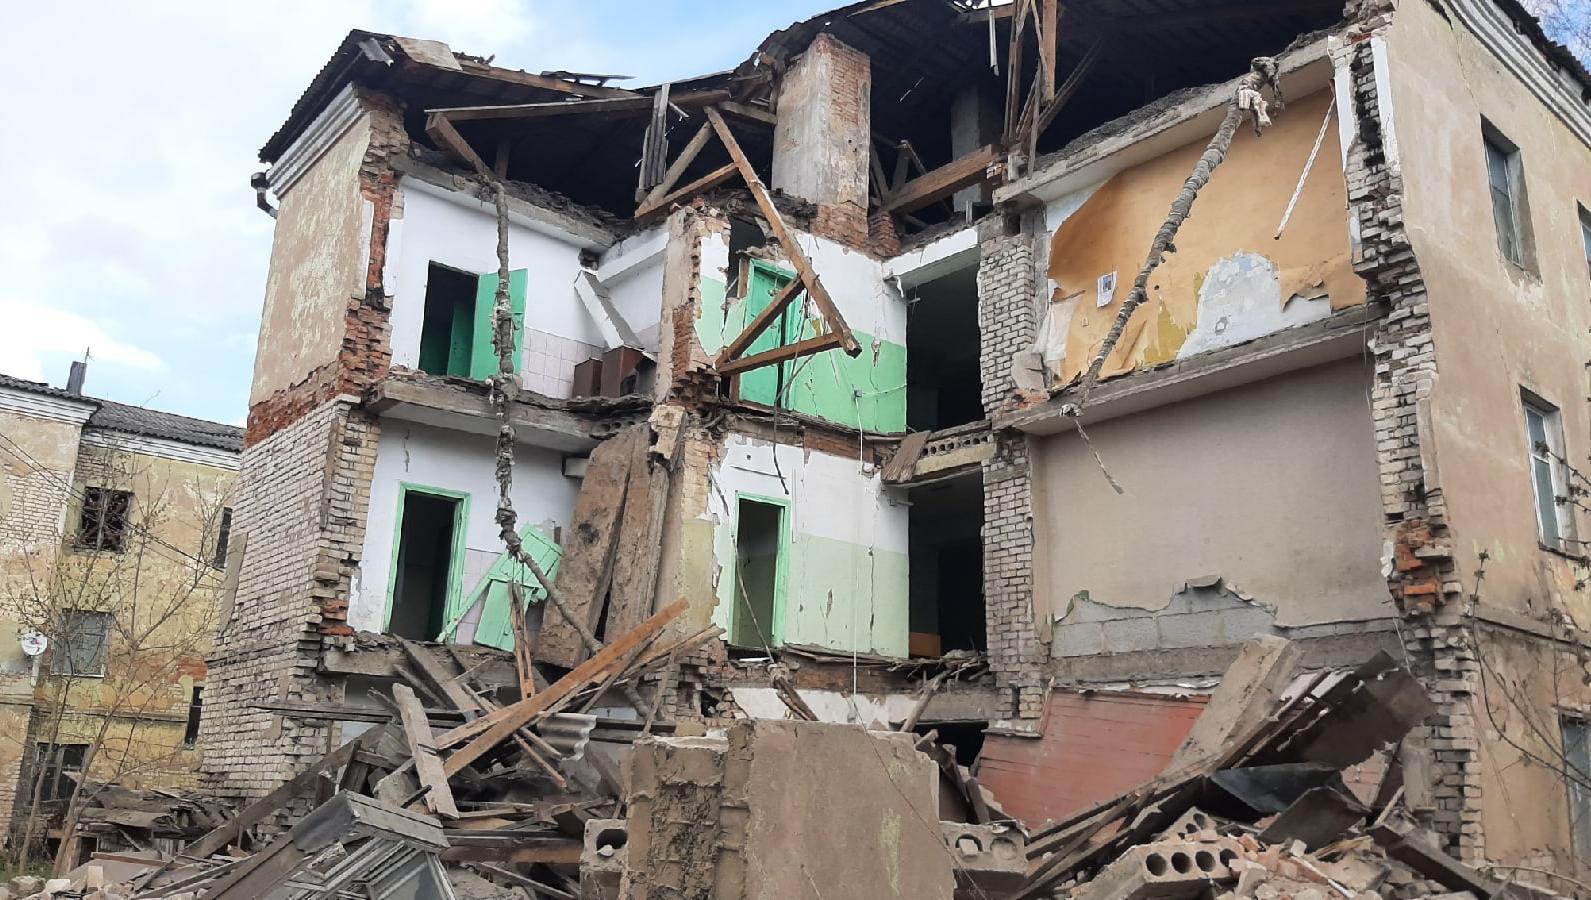 В Ржеве здание общежития с обрушившейся стеной будет демонтировано - новости Афанасий